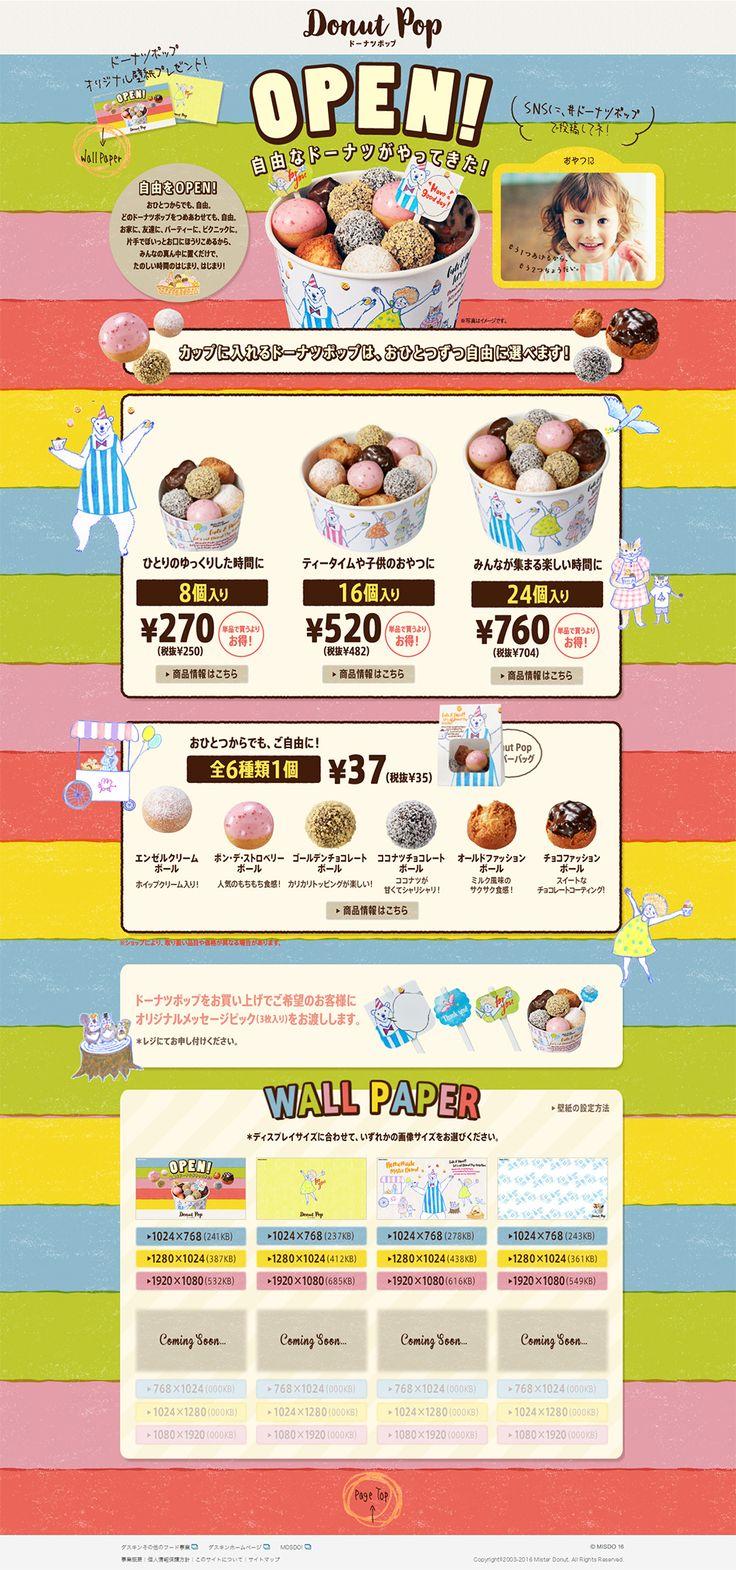 ドーナツポップ【食品関連】のLPデザイン。WEBデザイナーさん必見!ランディングページのデザイン参考に(かわいい系)